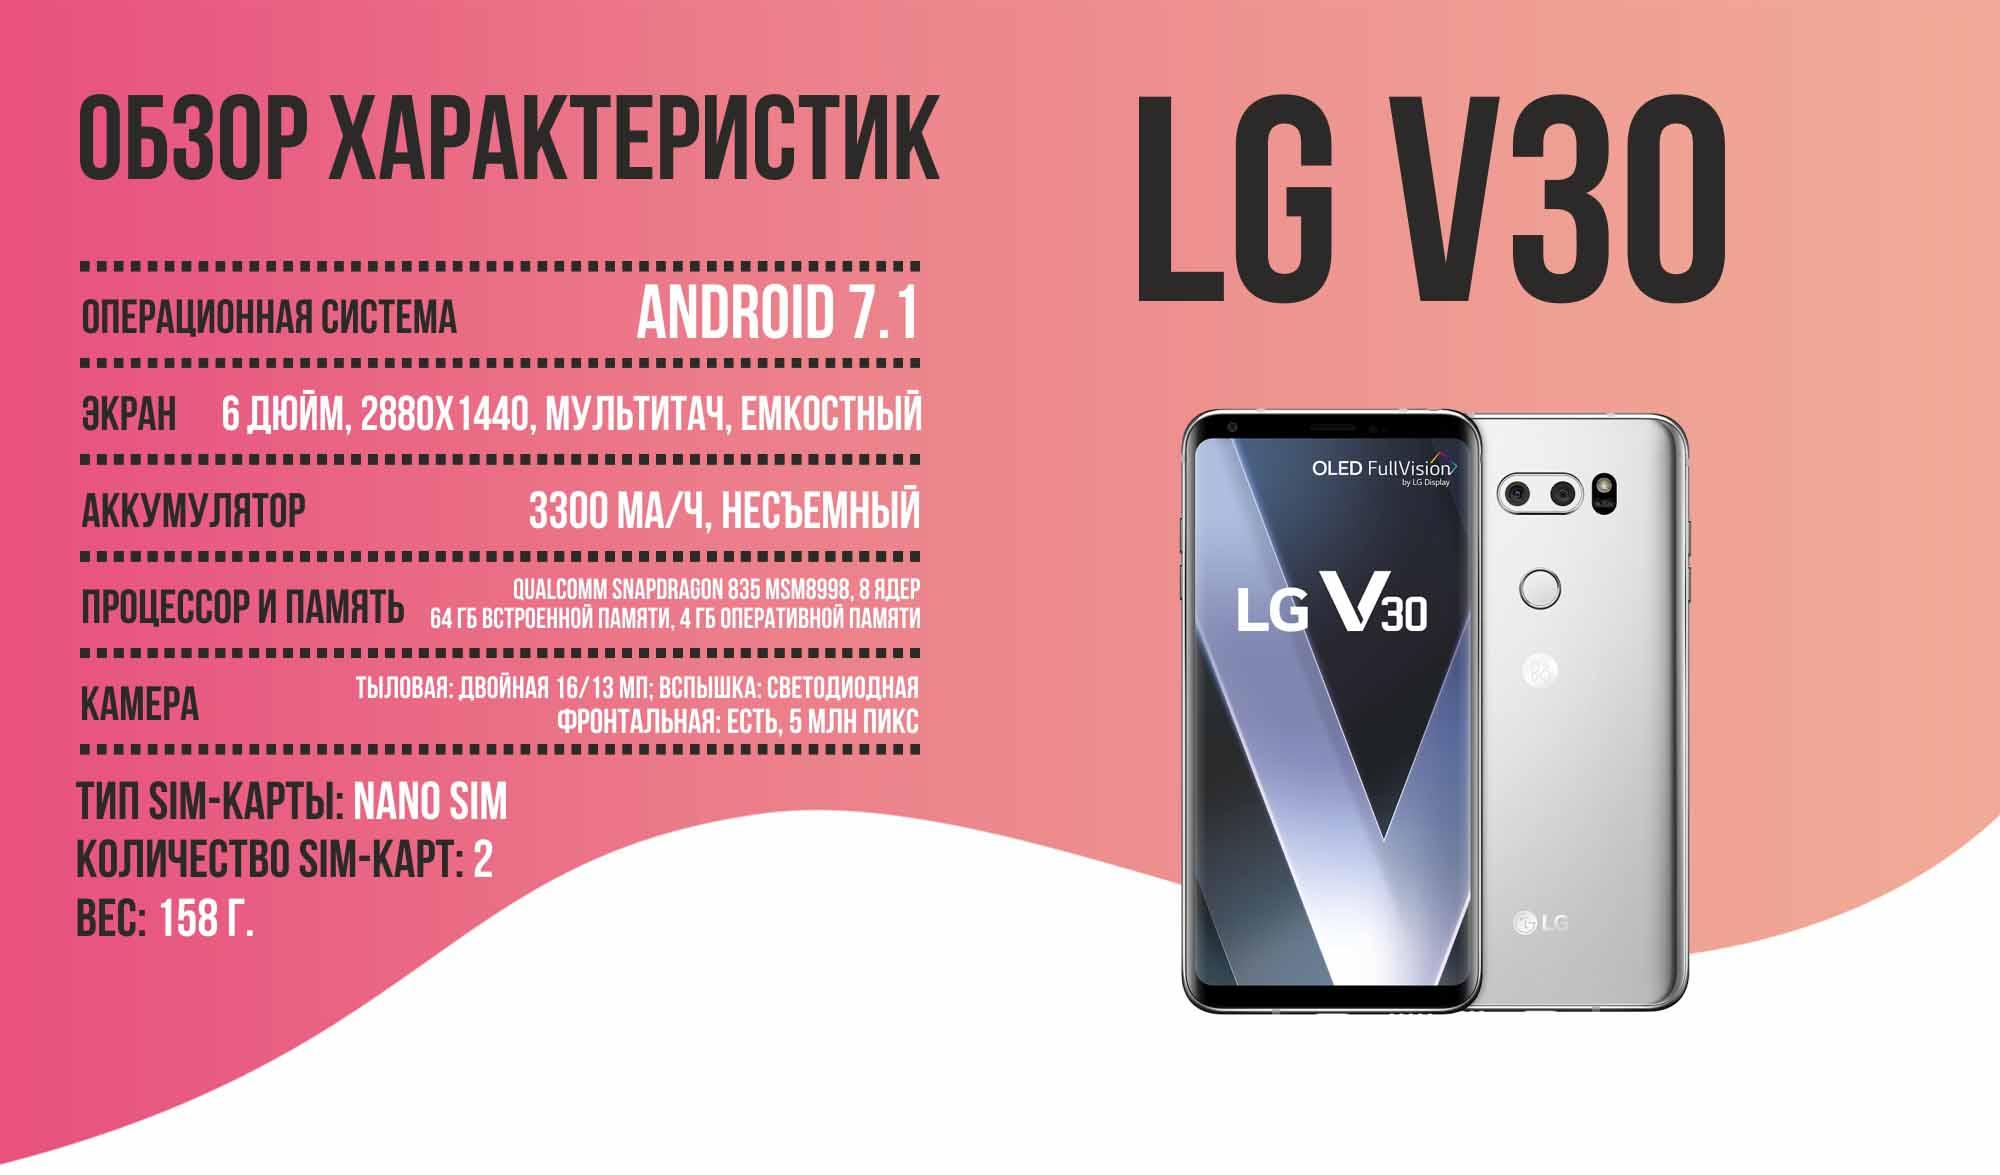 lgv30_обзор